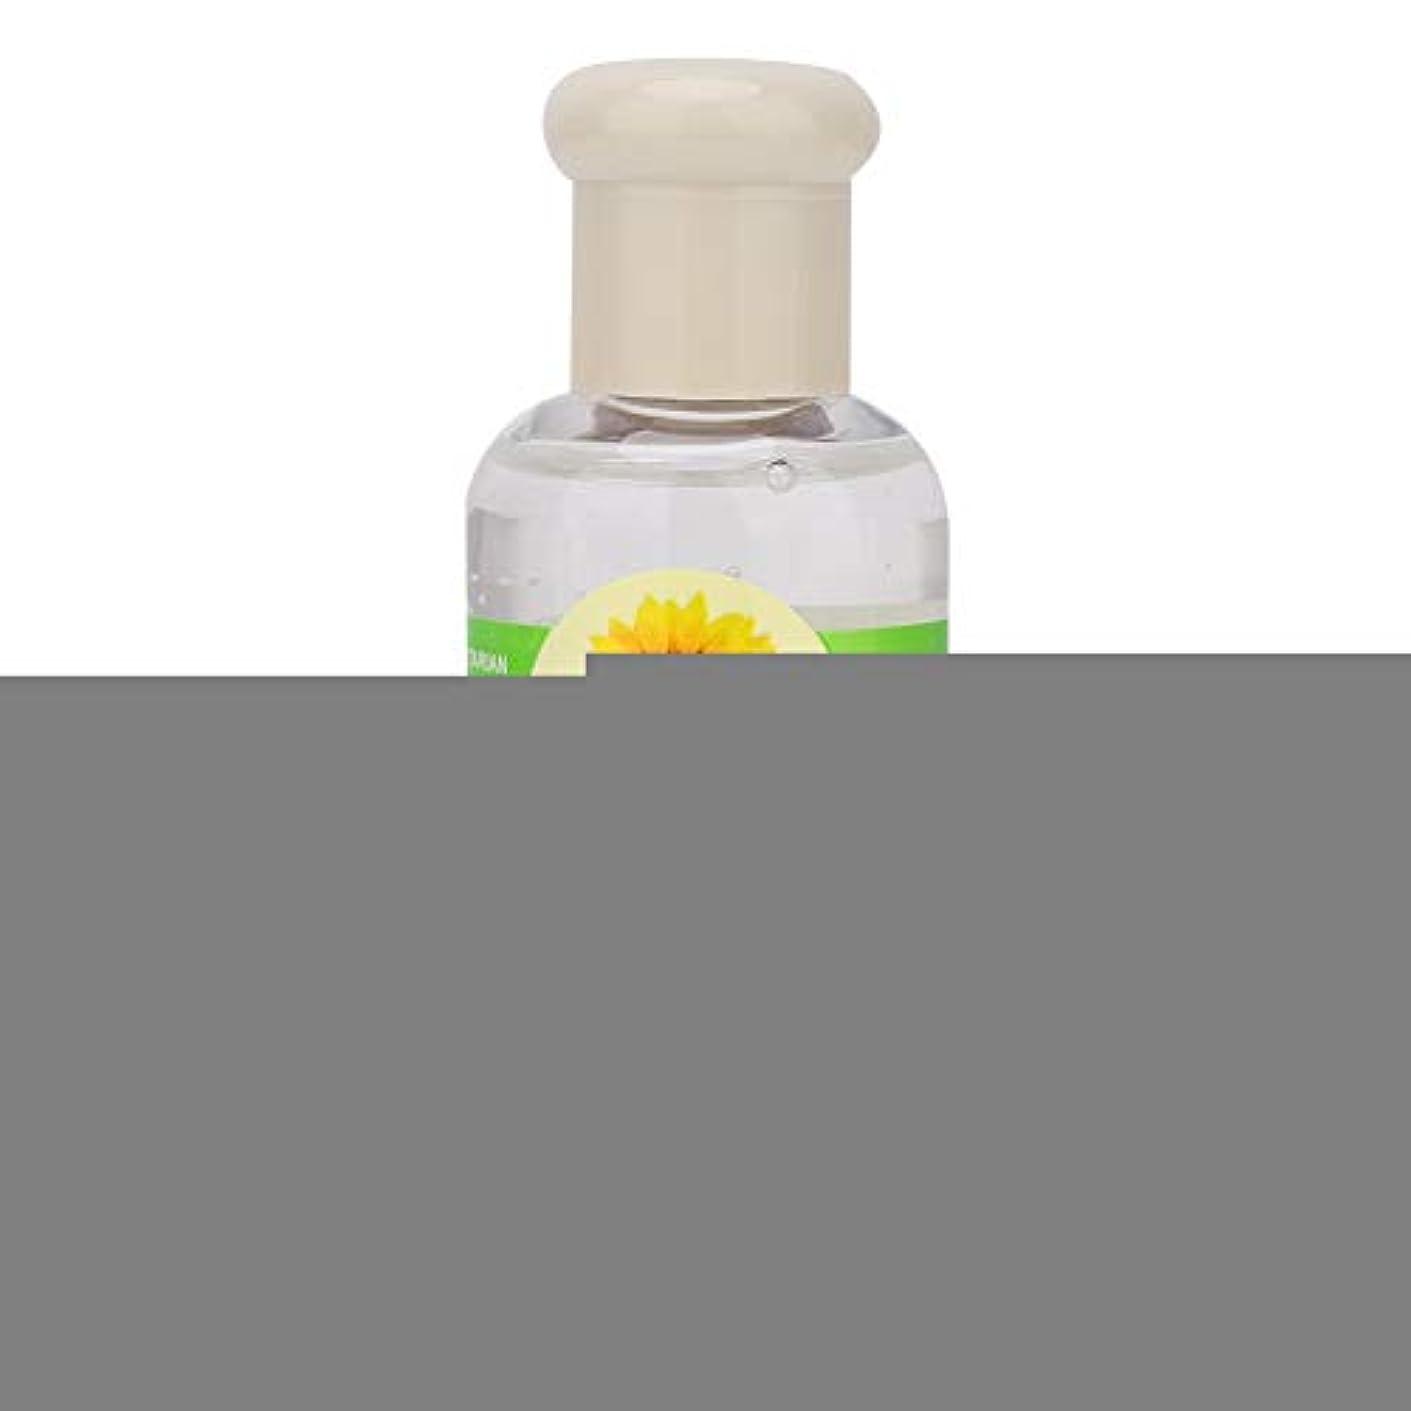 ボンド人口旅行フェイスオイル、保湿オイルを白くするビタミンE